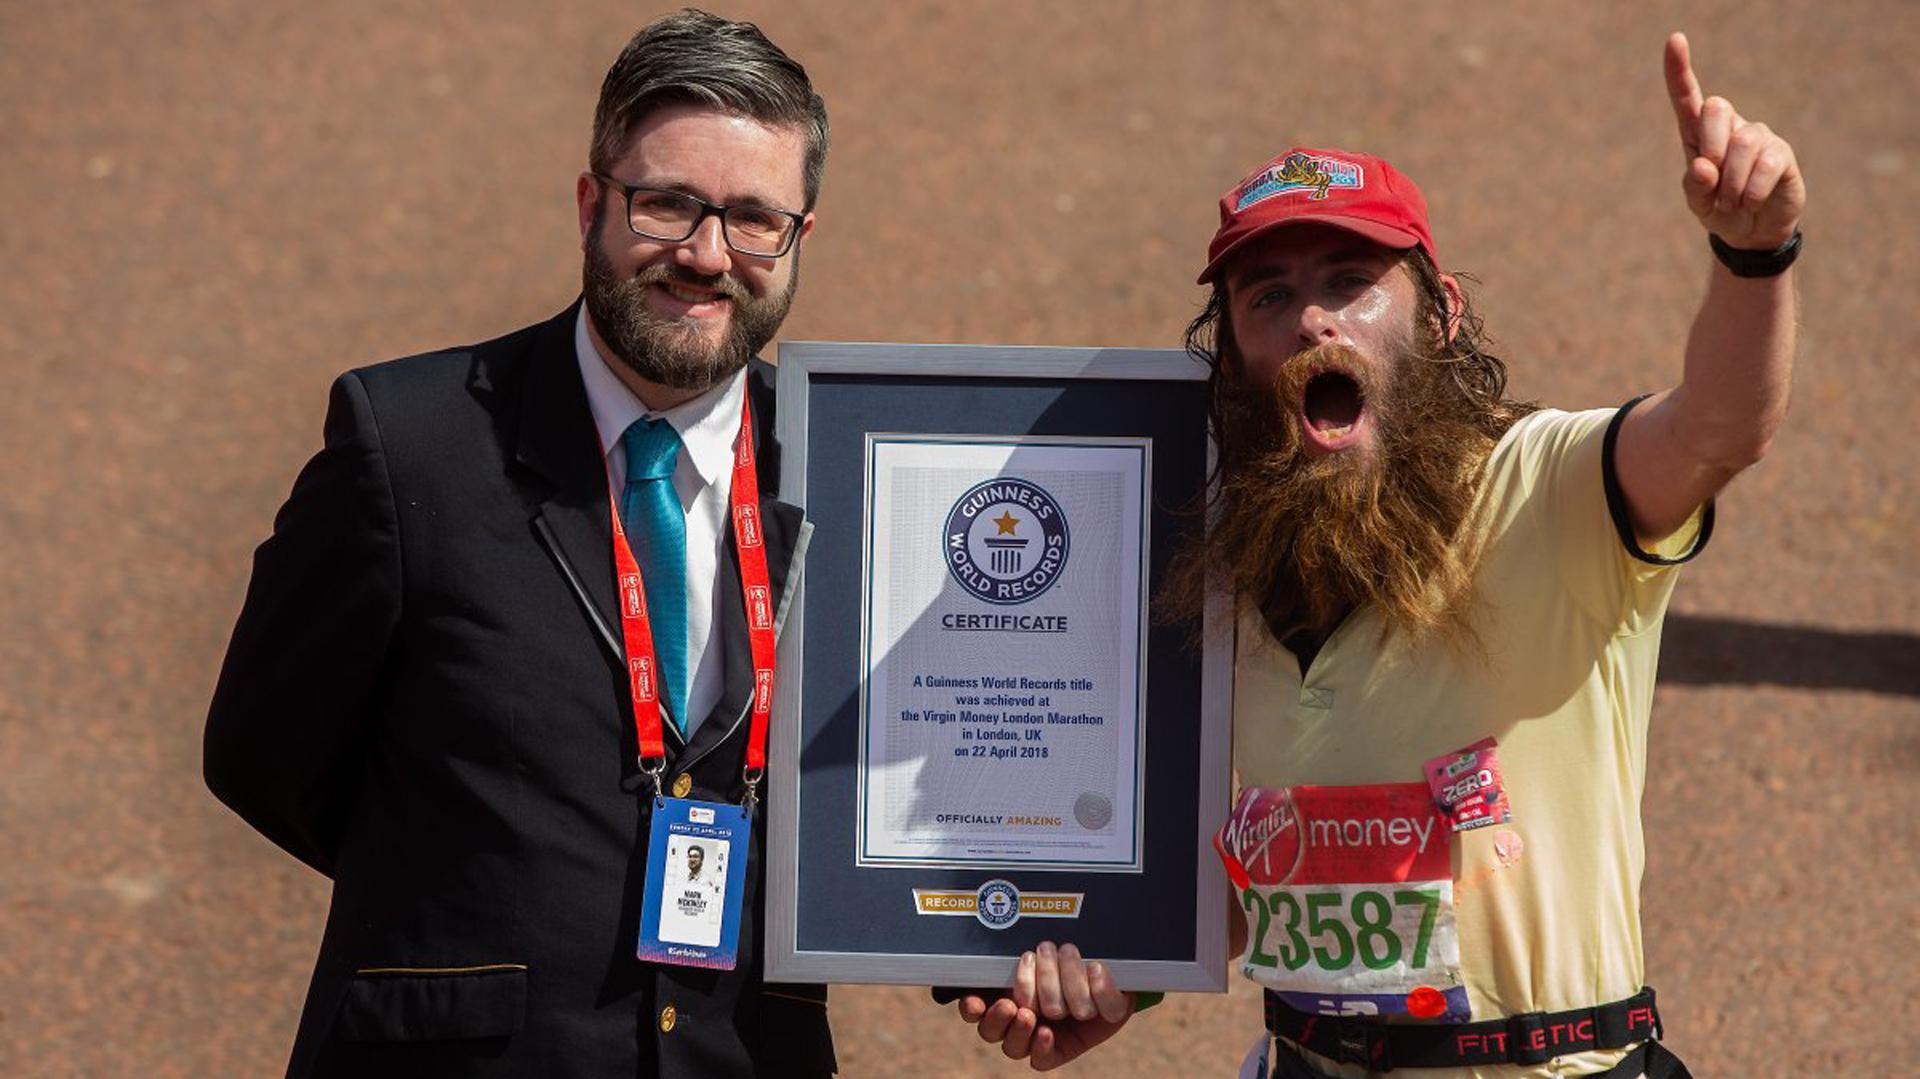 En la reciente maratón de Londres consiguió un récord Guinness